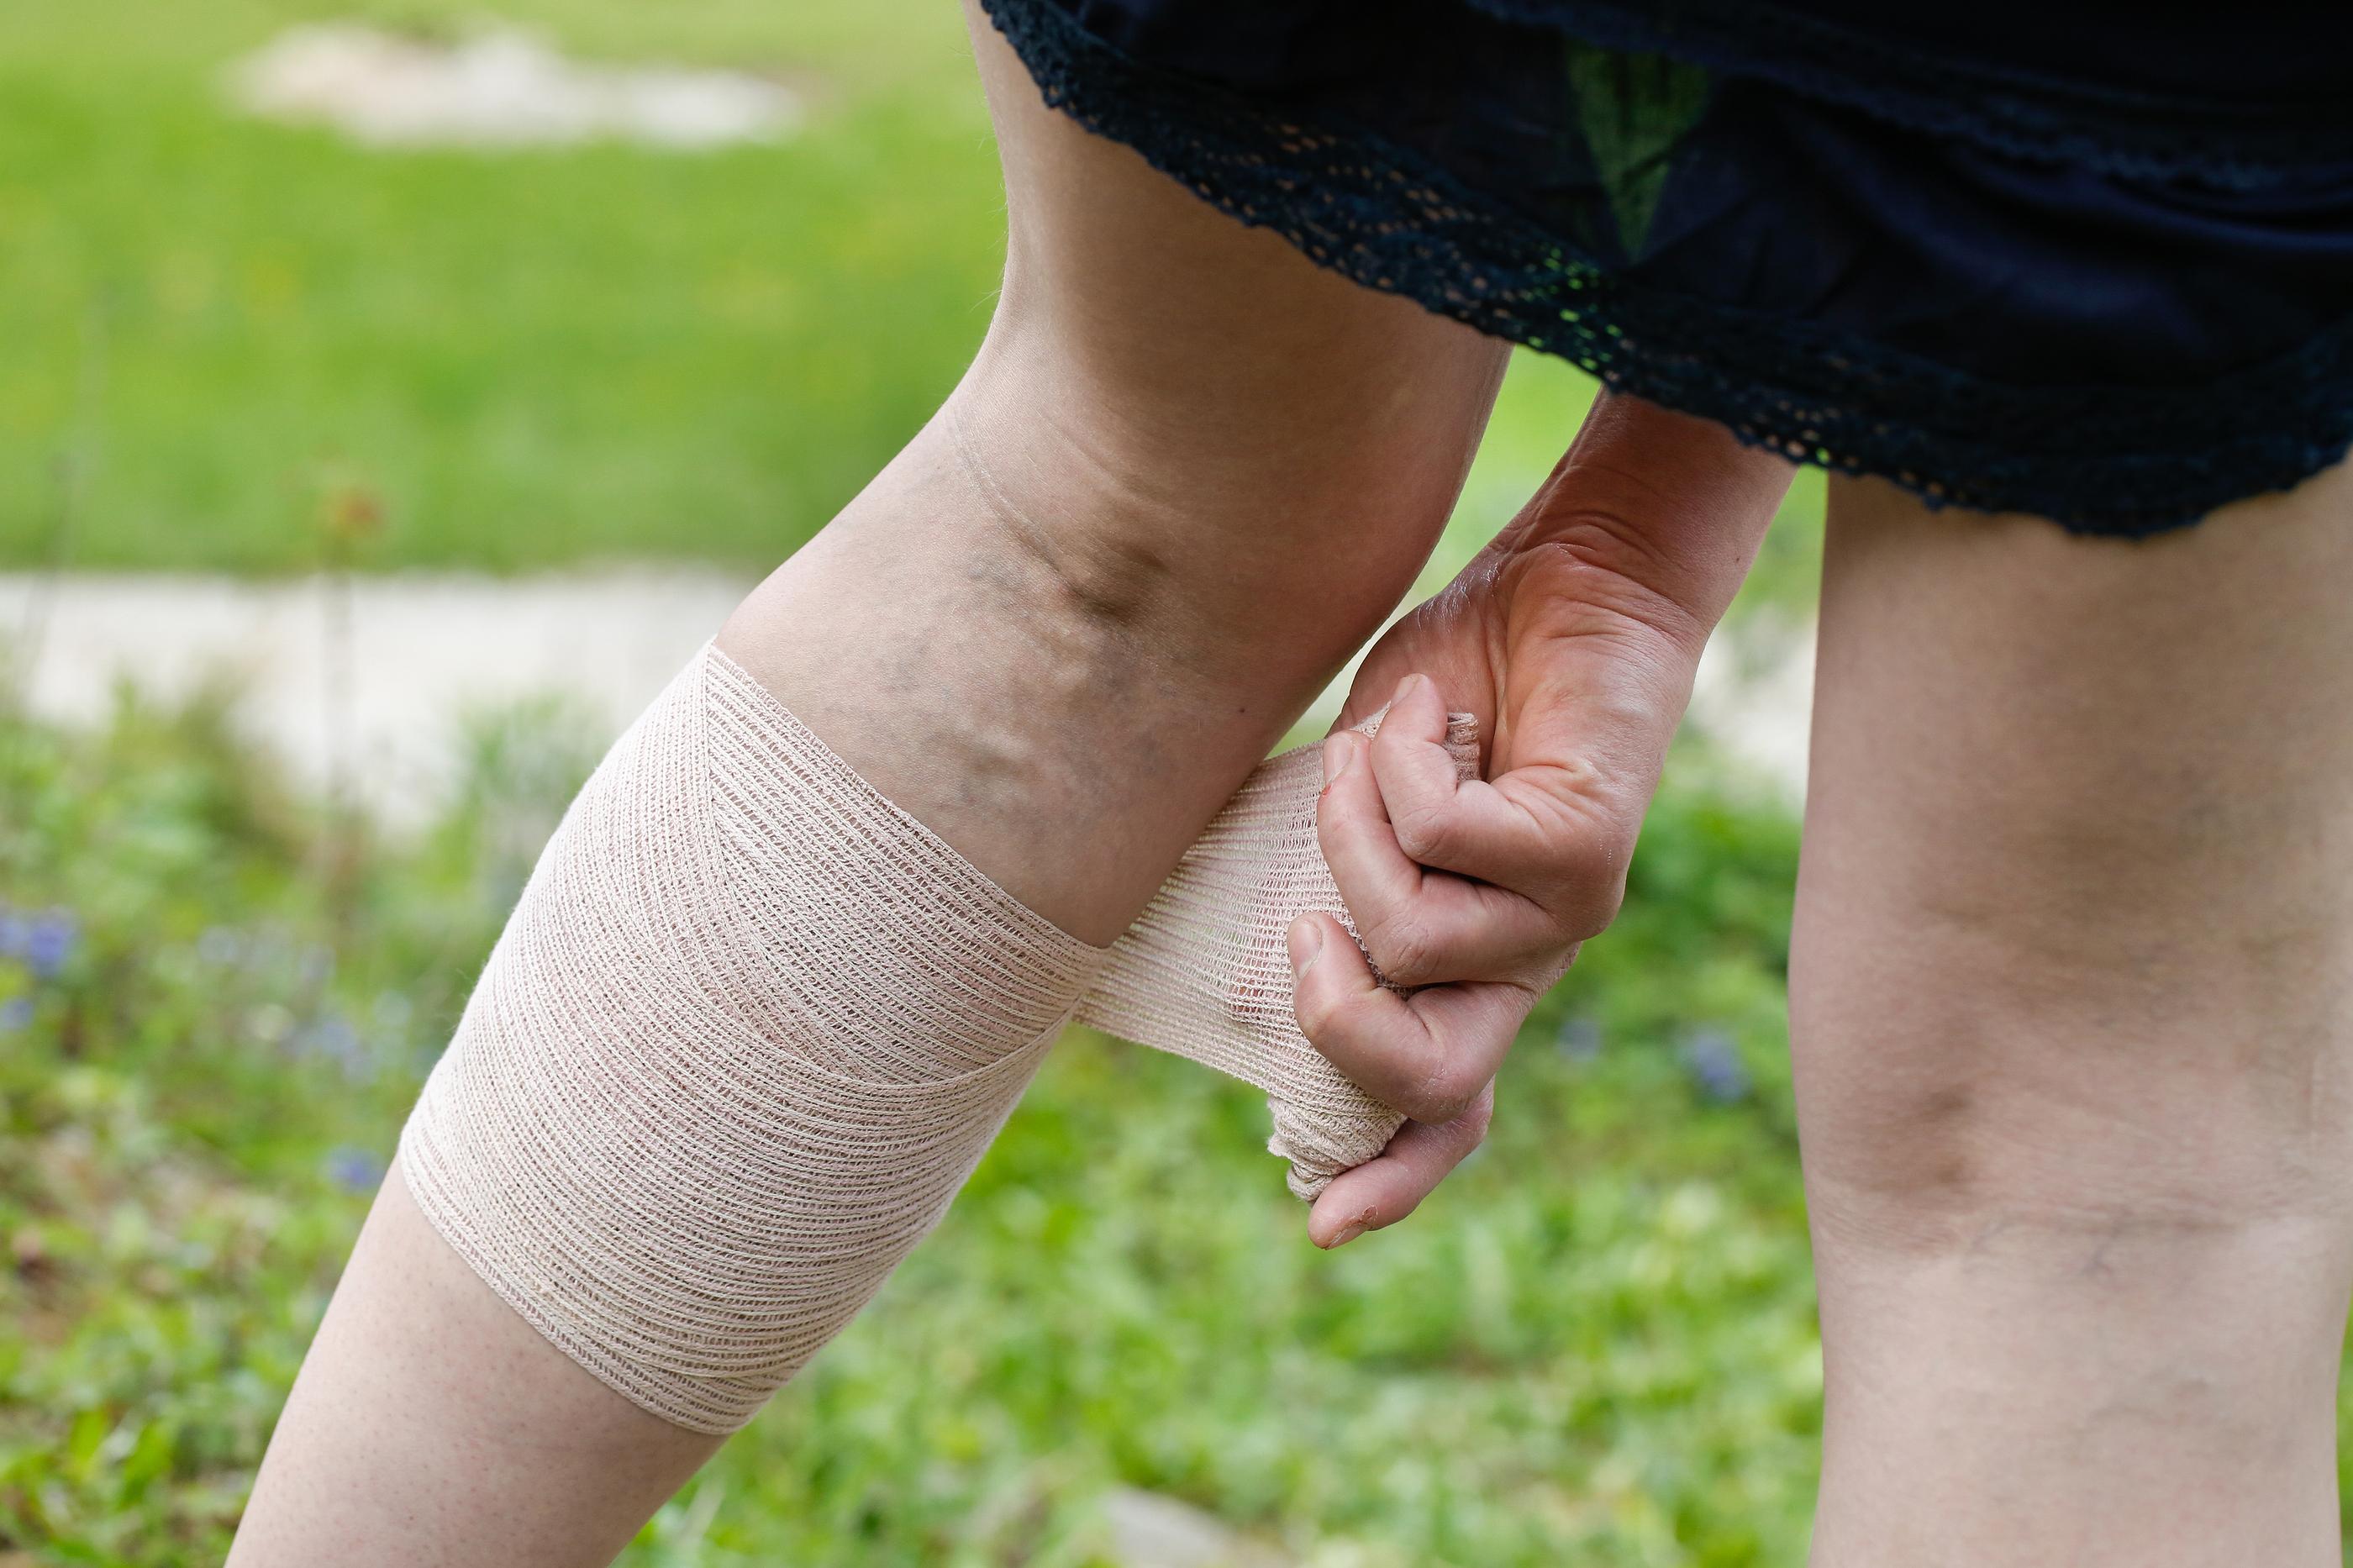 swelling legs